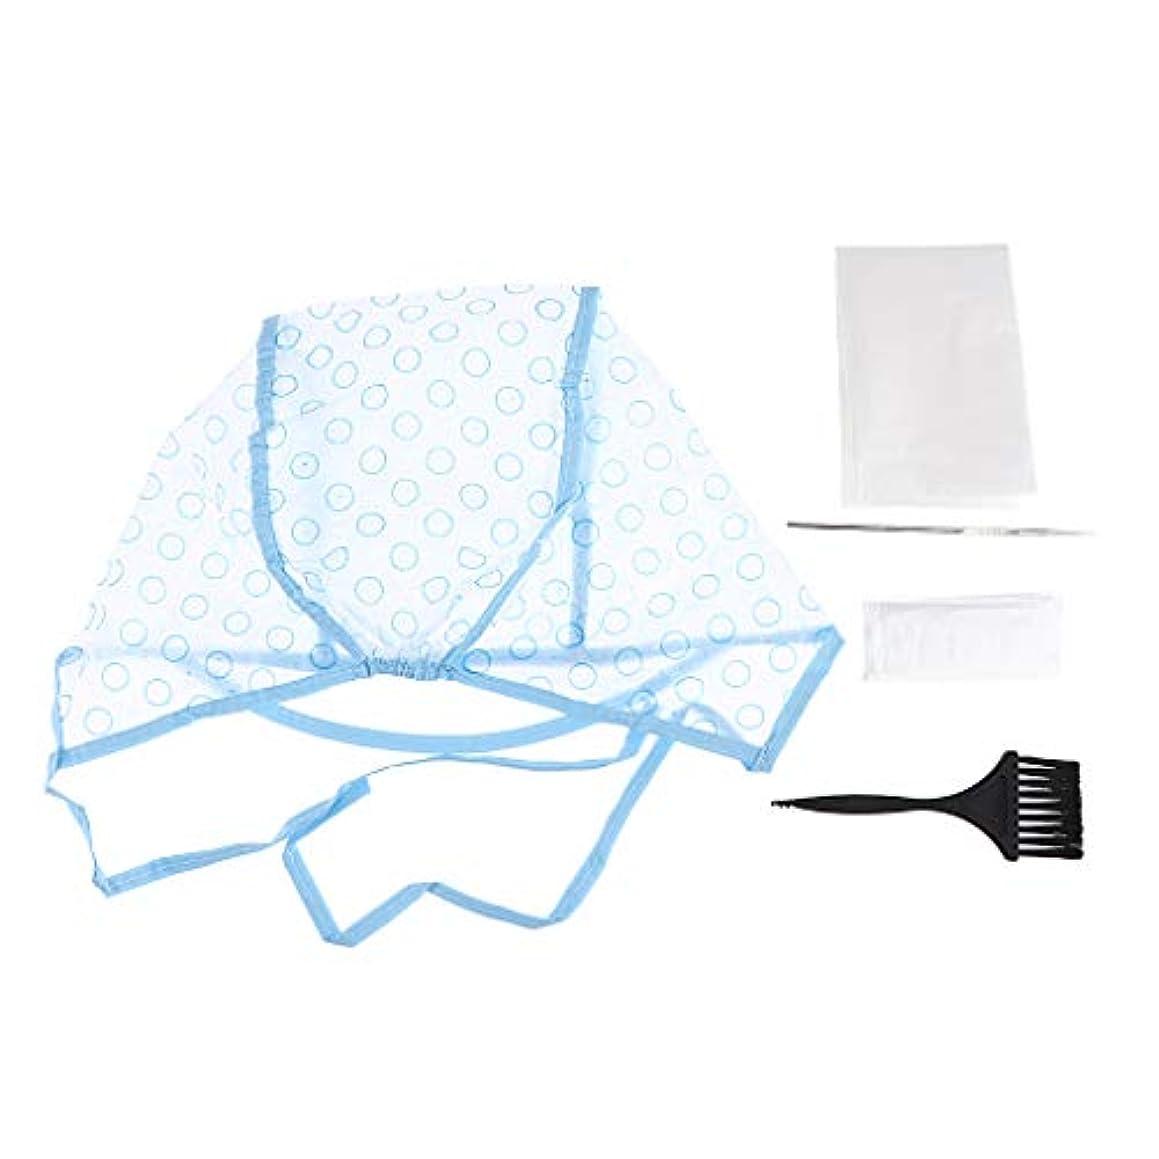 ブーム克服する招待使い捨ての髪の着色キット、髪の色合いツールブラシフック強調キャップ手袋とケープセット